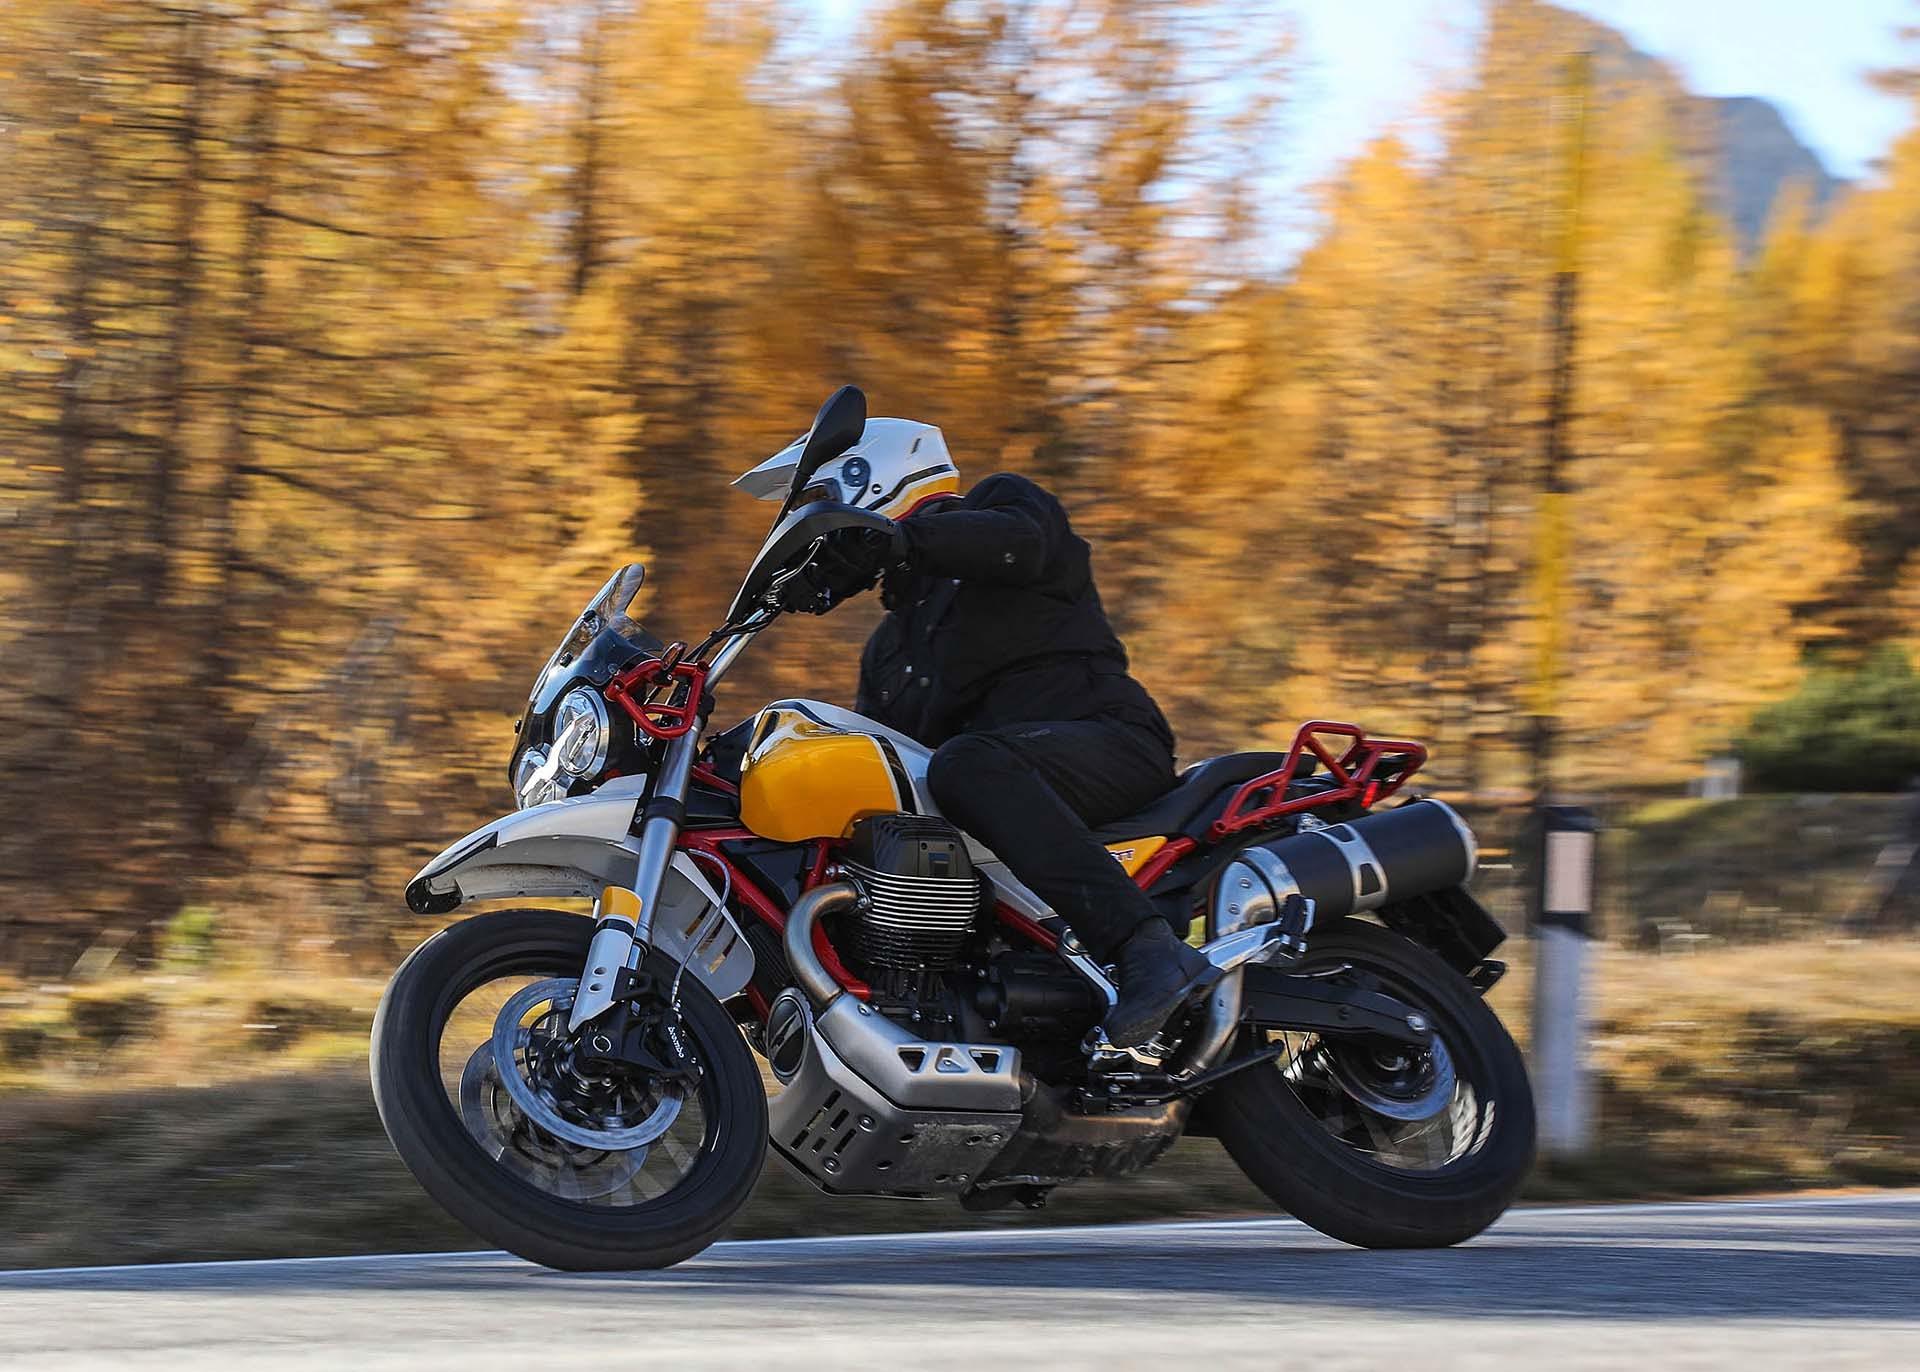 Moto Guzzi V85 TT in piega in montagna